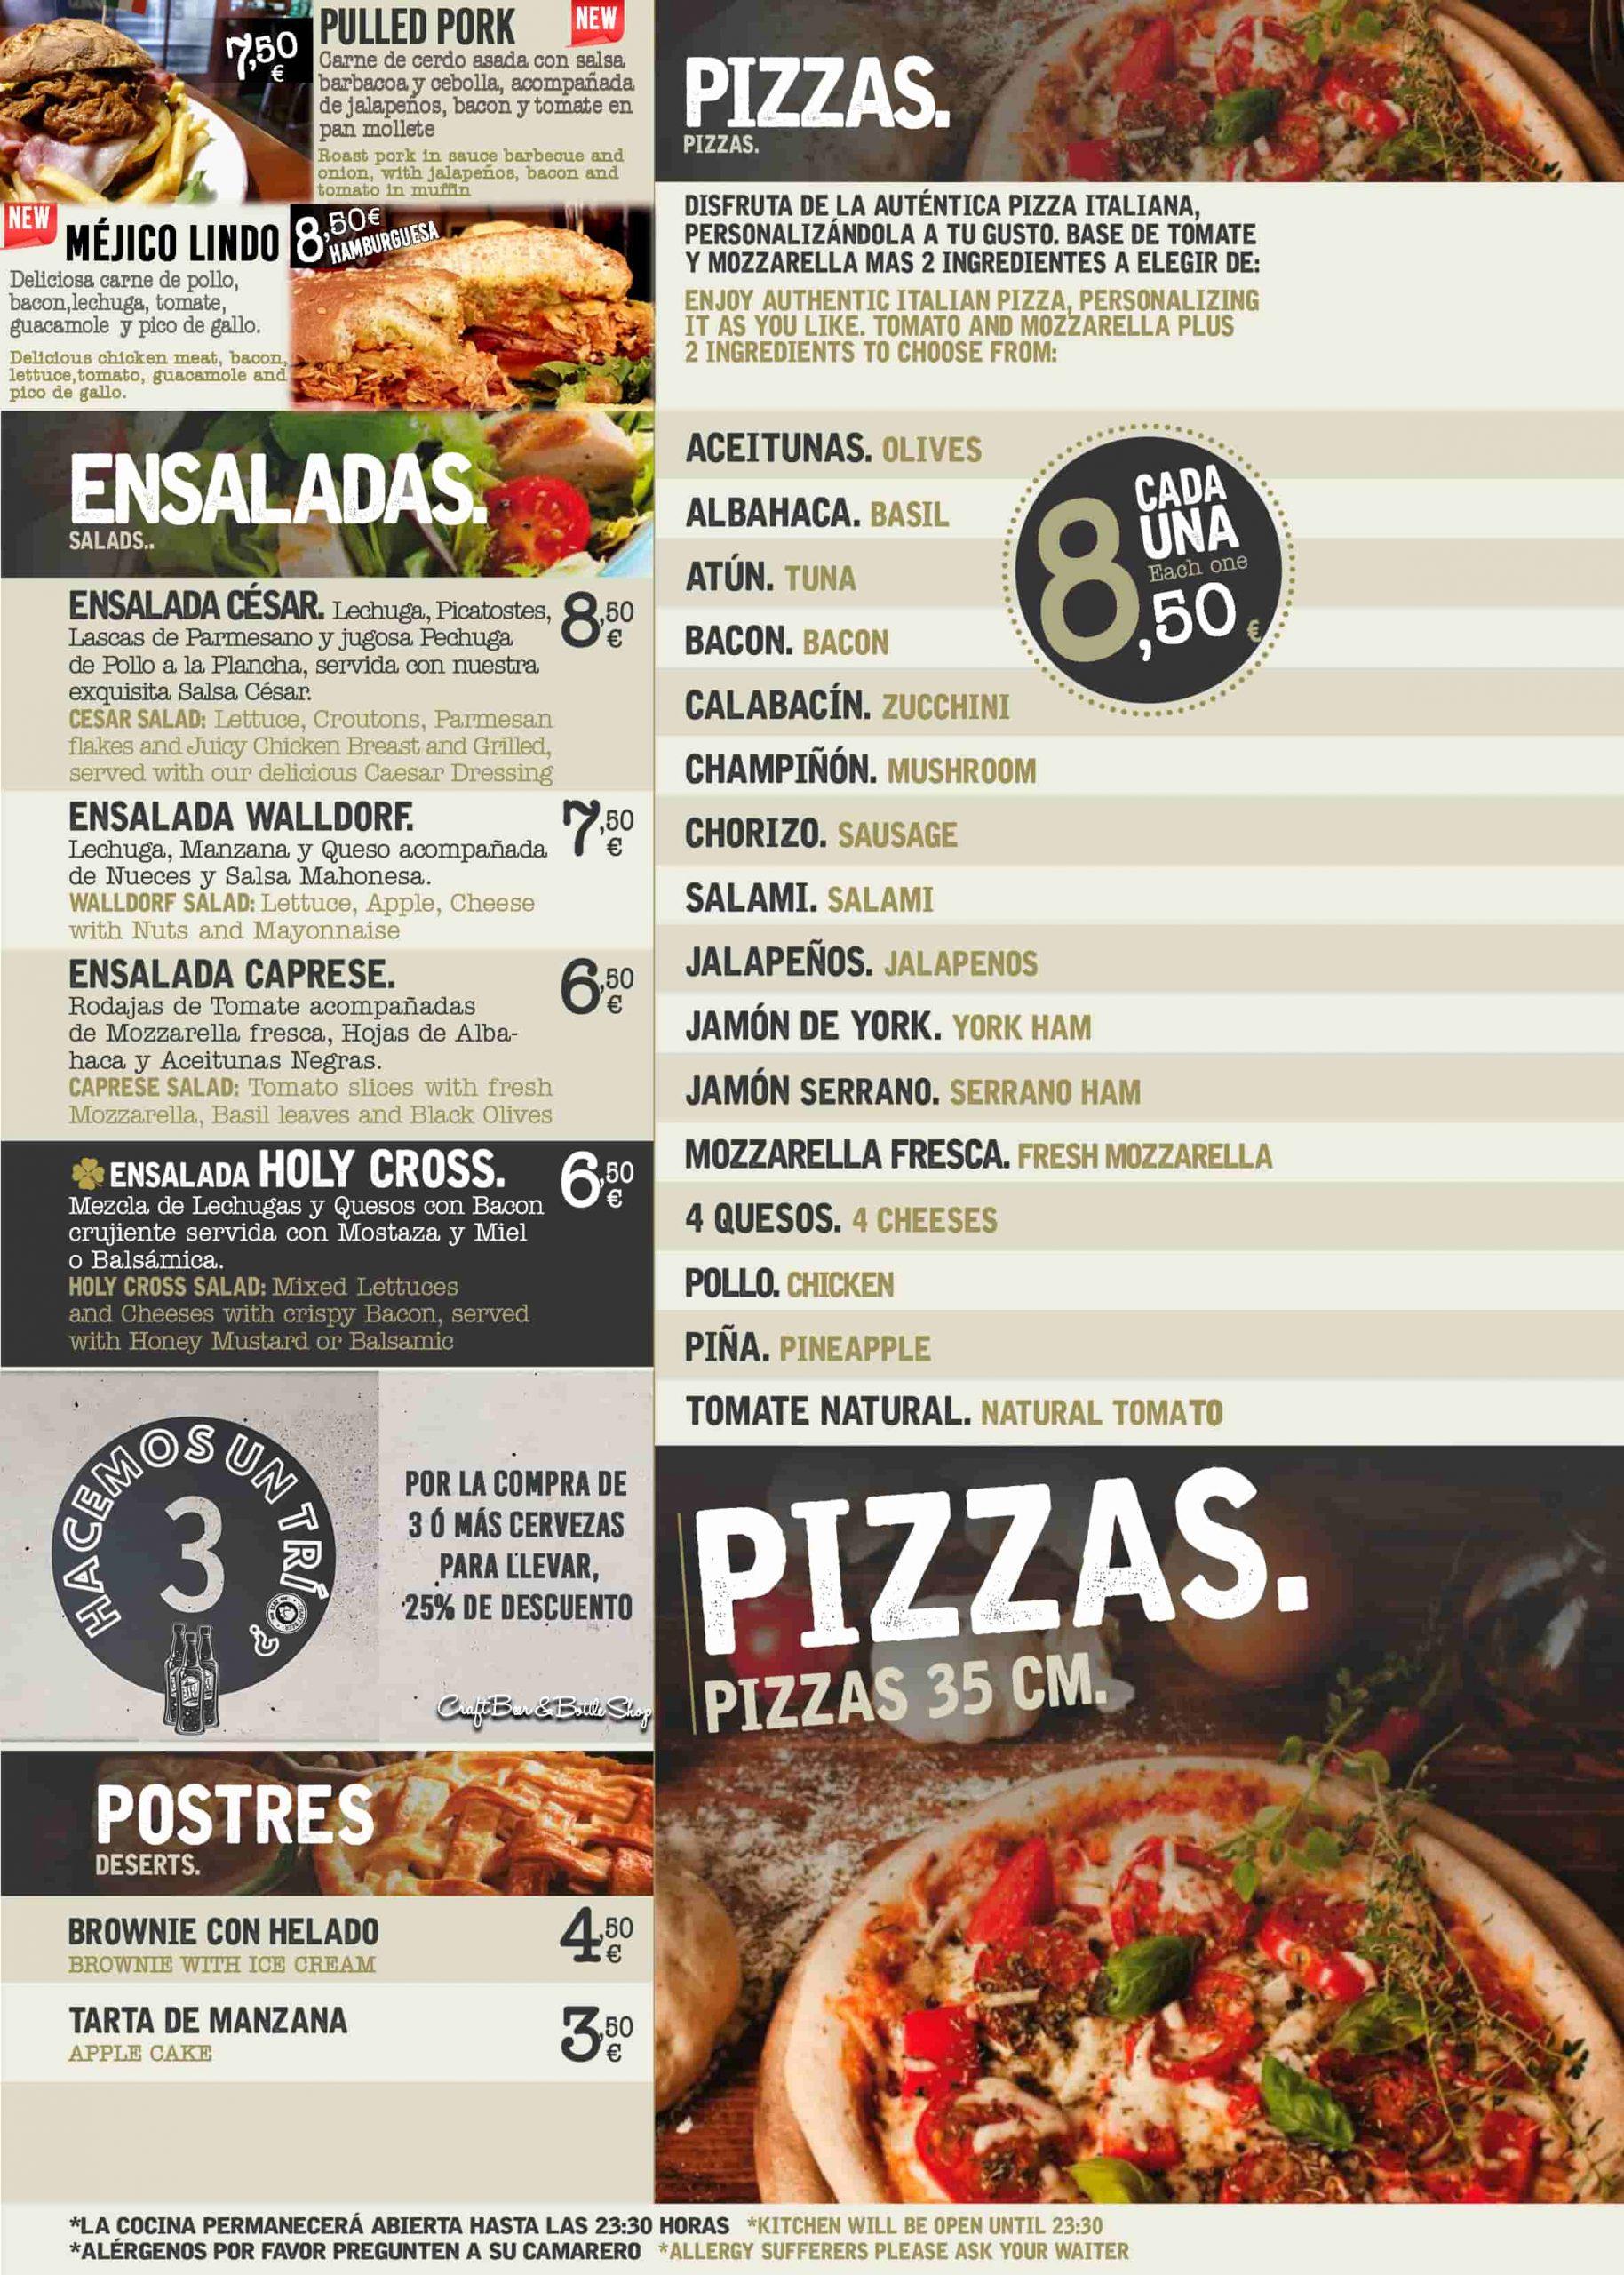 Ensaladas, pizzas y postres